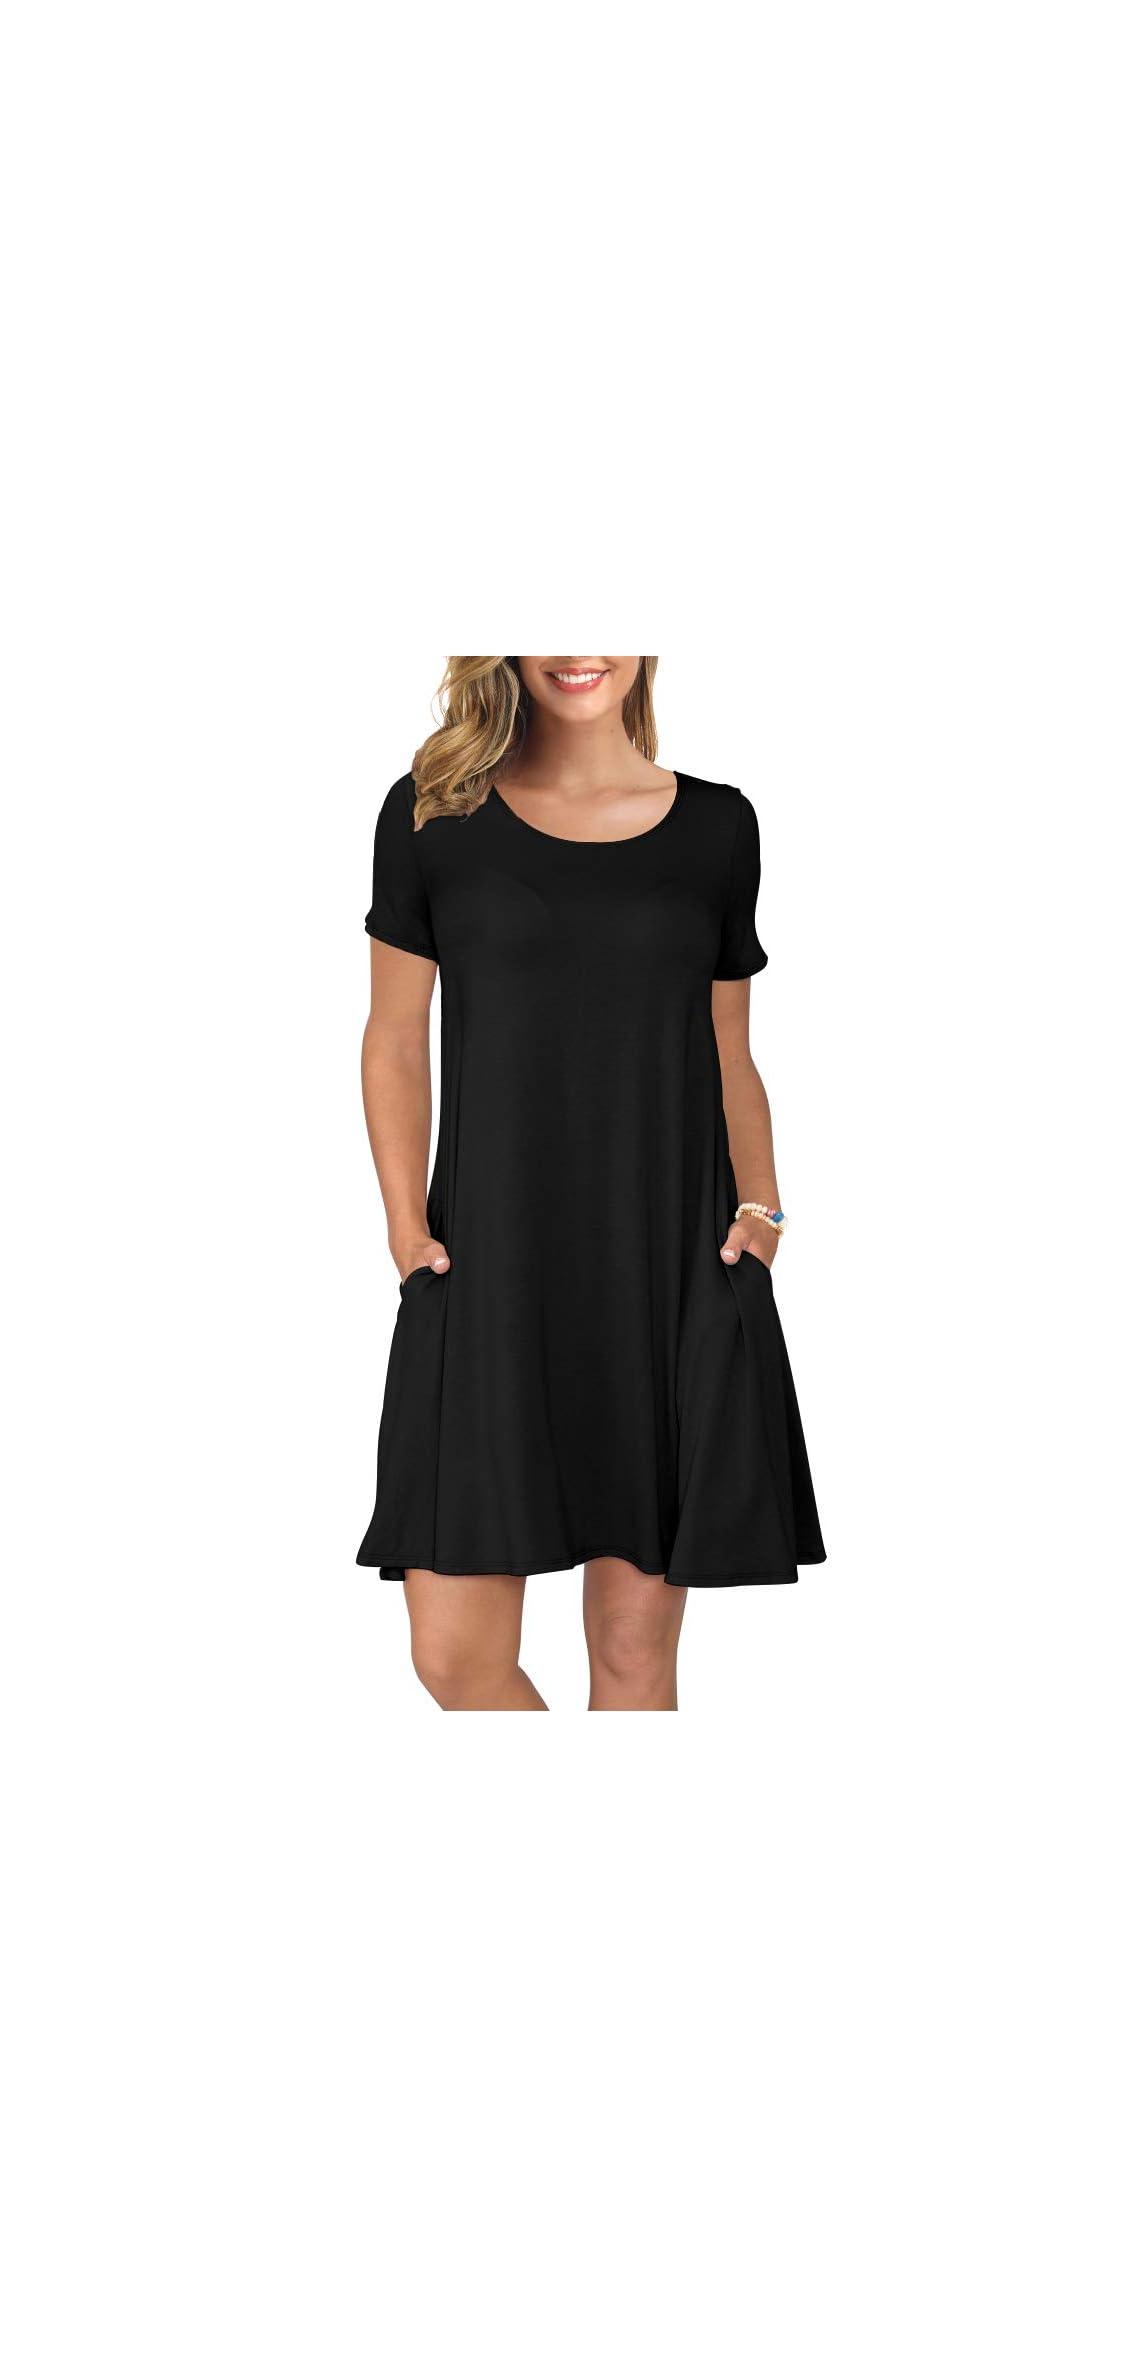 Women's Summer Casual T Shirt Dresses Short Sleeve Swing